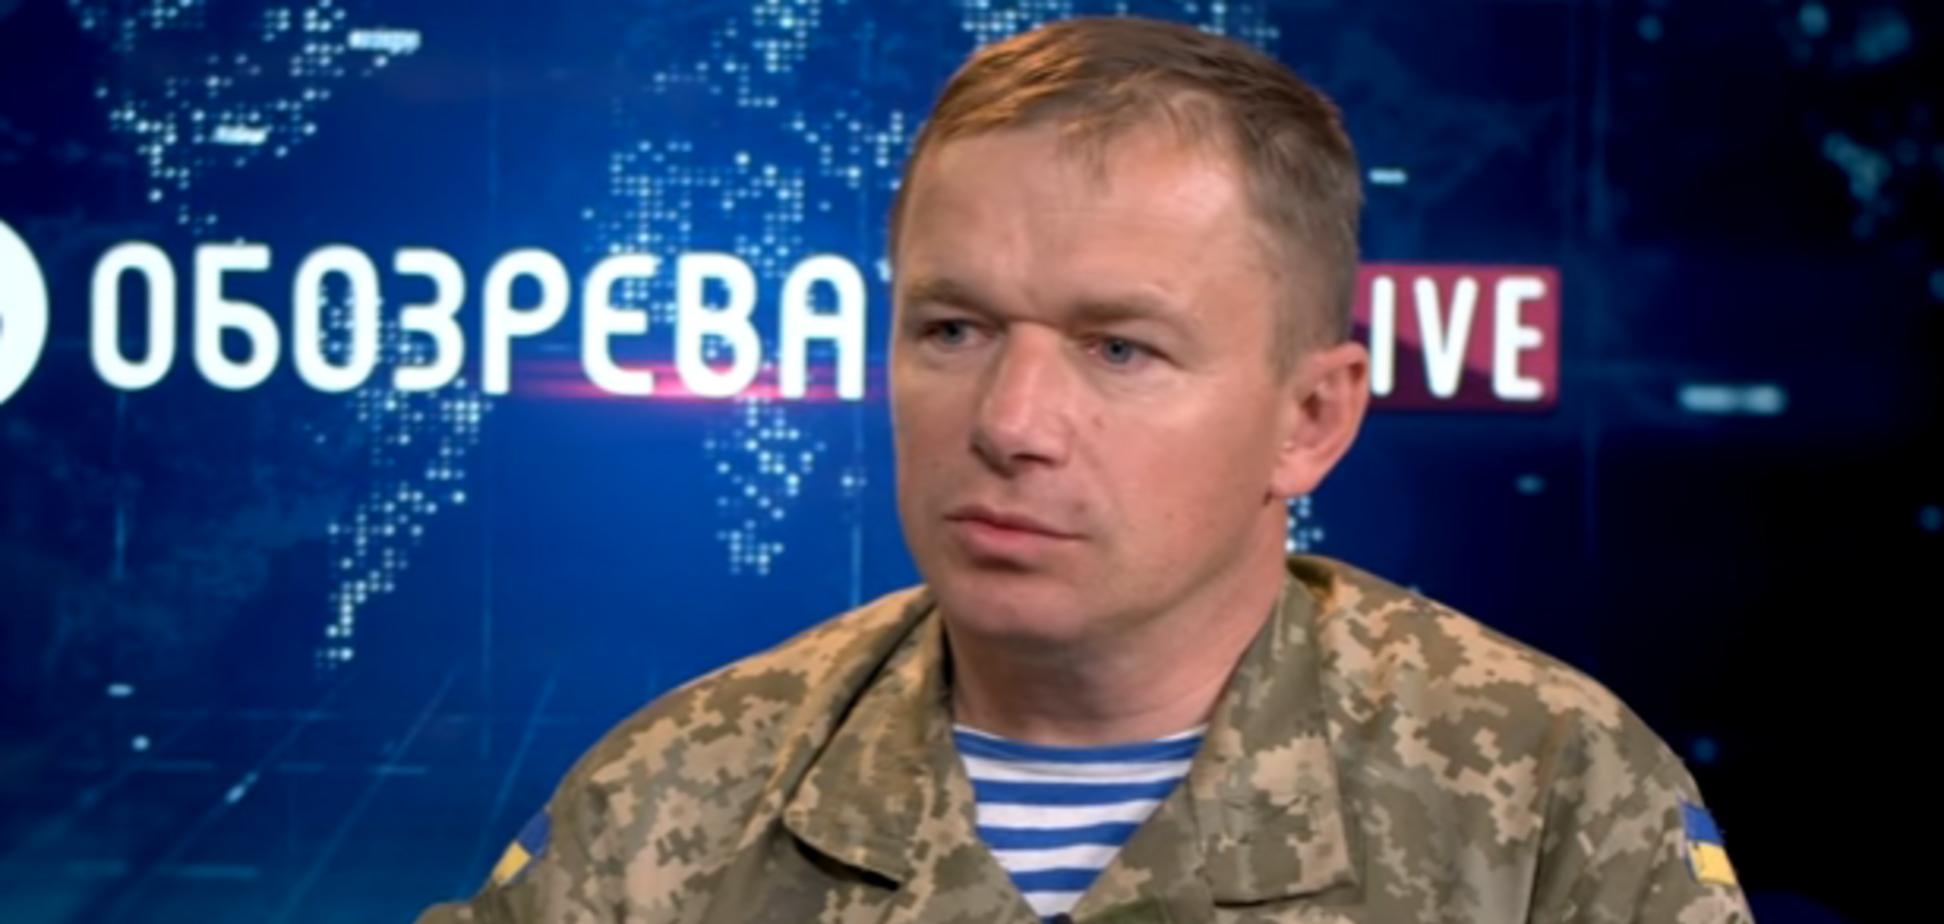 Полковник ЗСУ Віктор Шидлюх